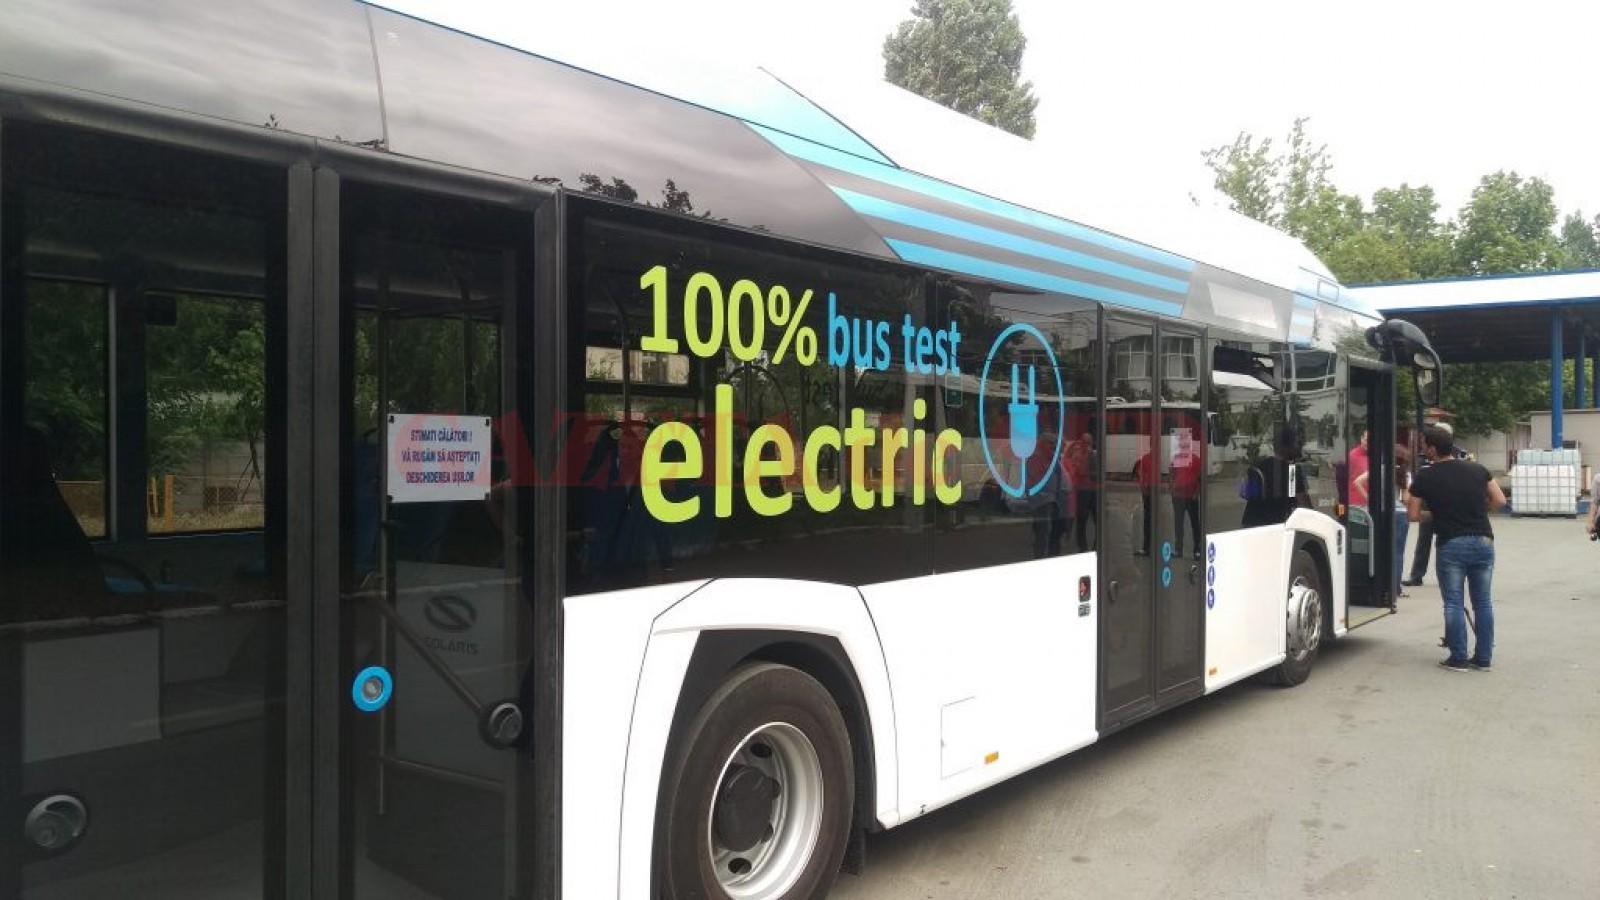 De mâine, un autobuz electric va circula gratuit pe străzile capitalei: Itinerarul acestuia